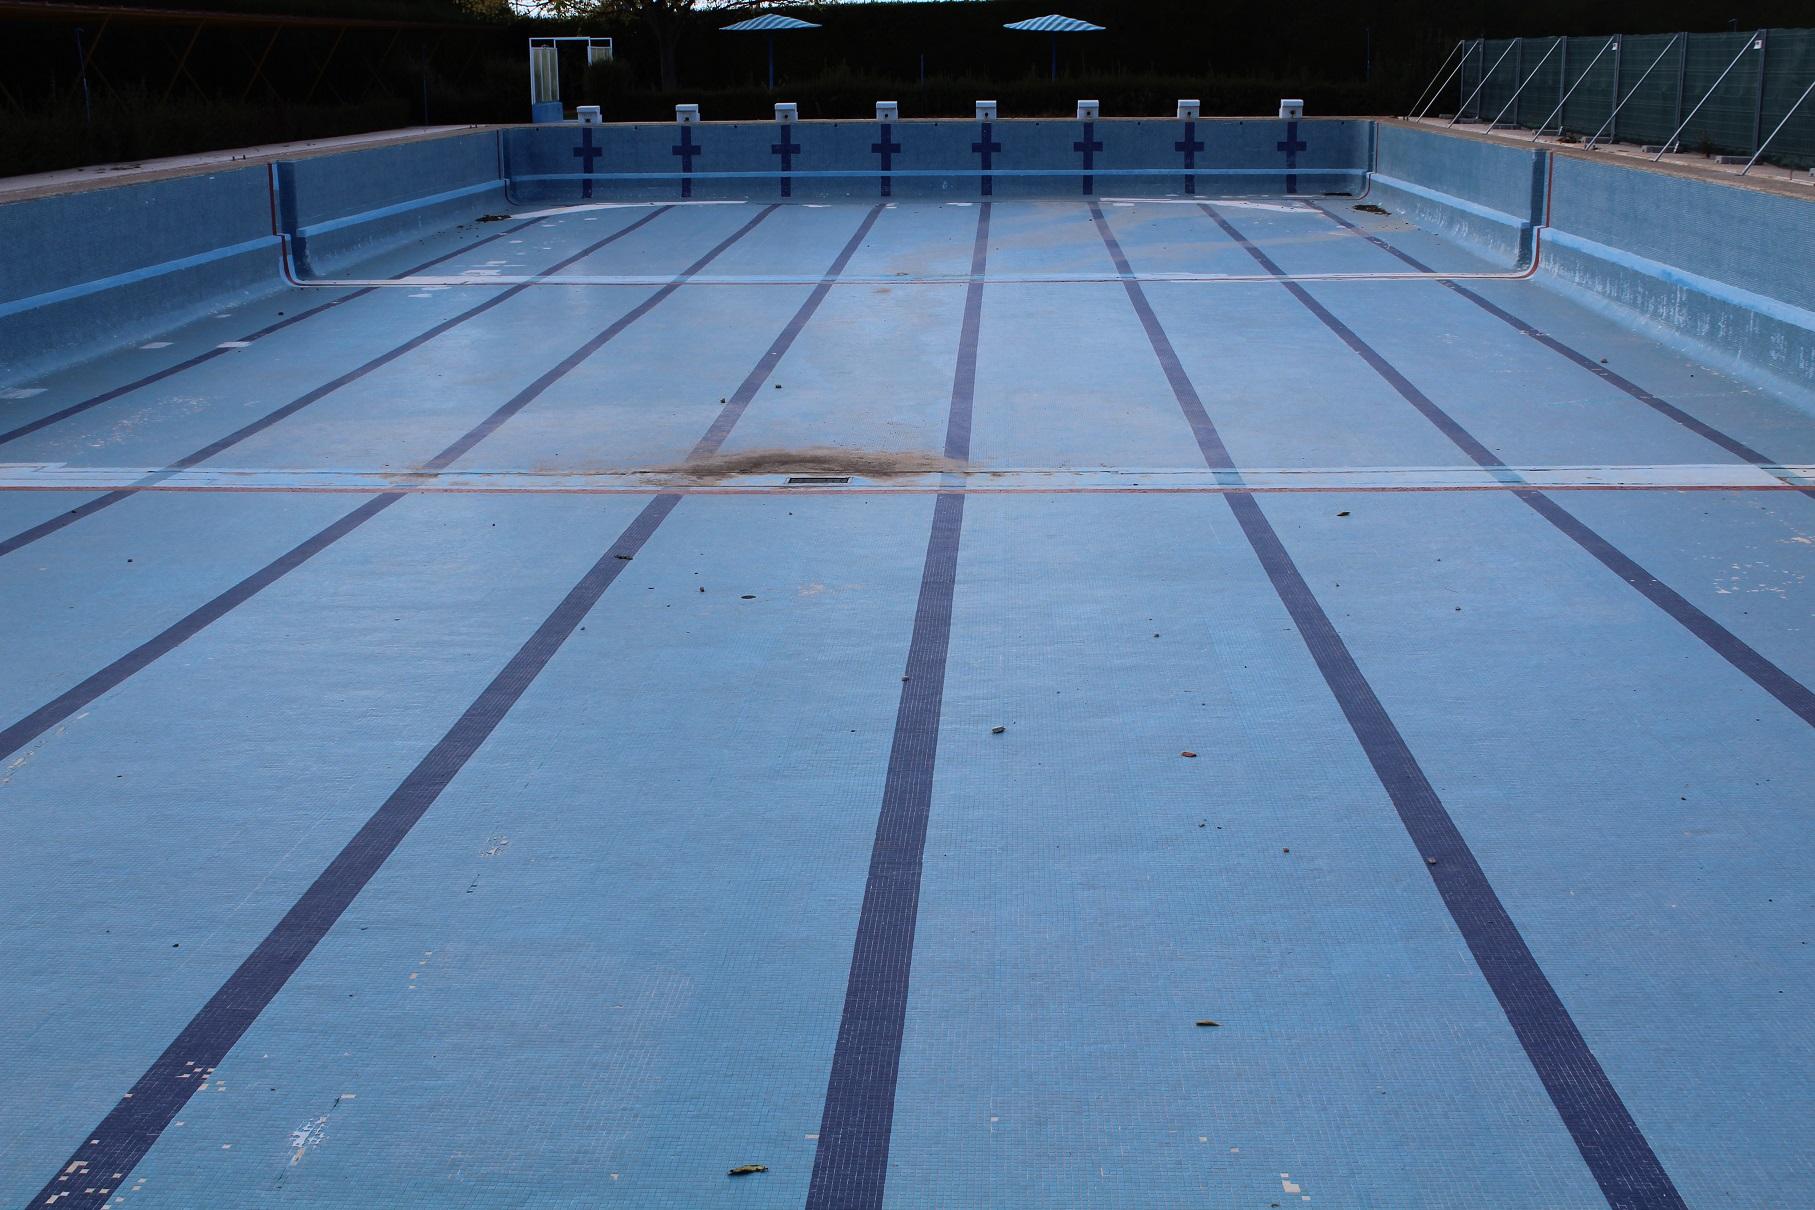 Determinada la oferta m s ventajosa para la construcci n for Oferta construccion de piscinas